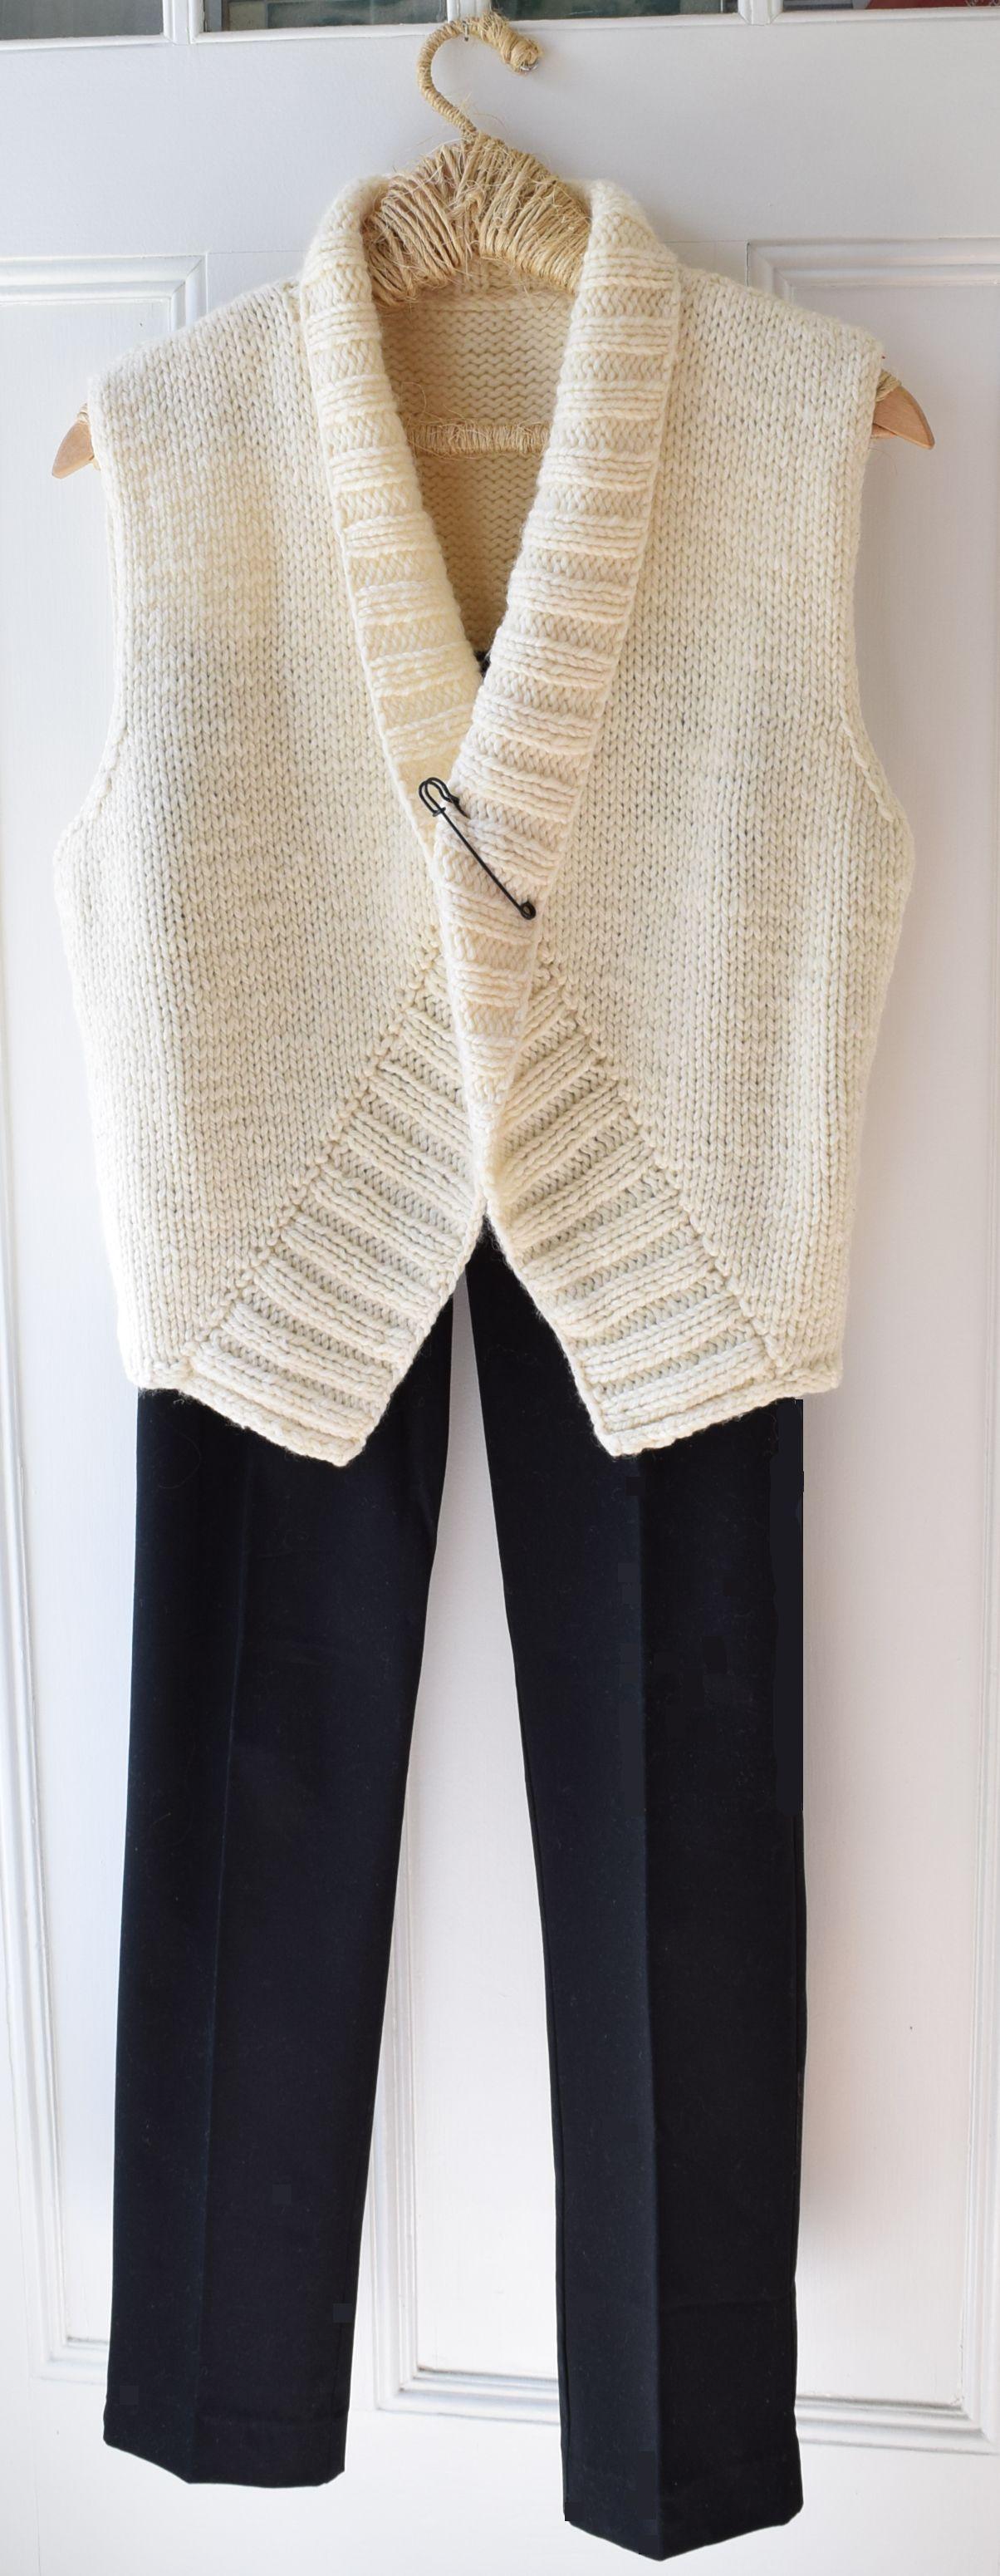 ML151 Vest Alternative | Knit vest pattern women, Knit ...